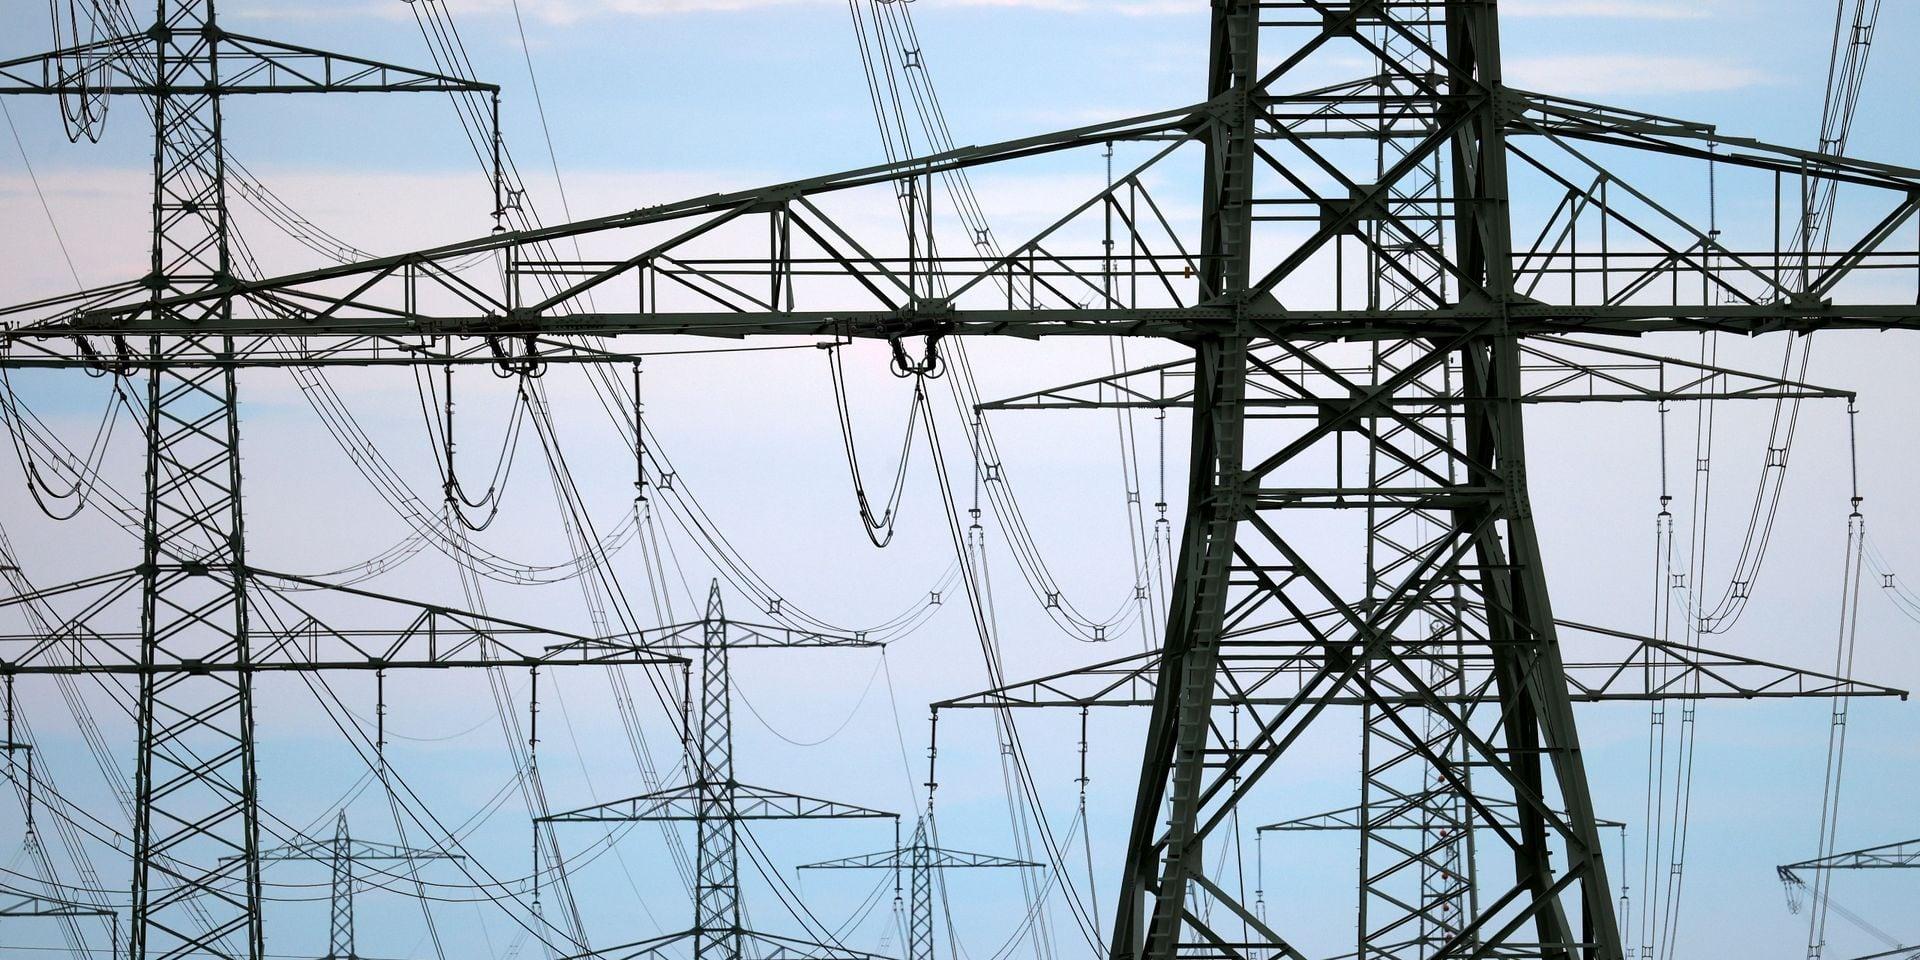 Afrique du Sud: l'électricité va être rationnée en raison du froid